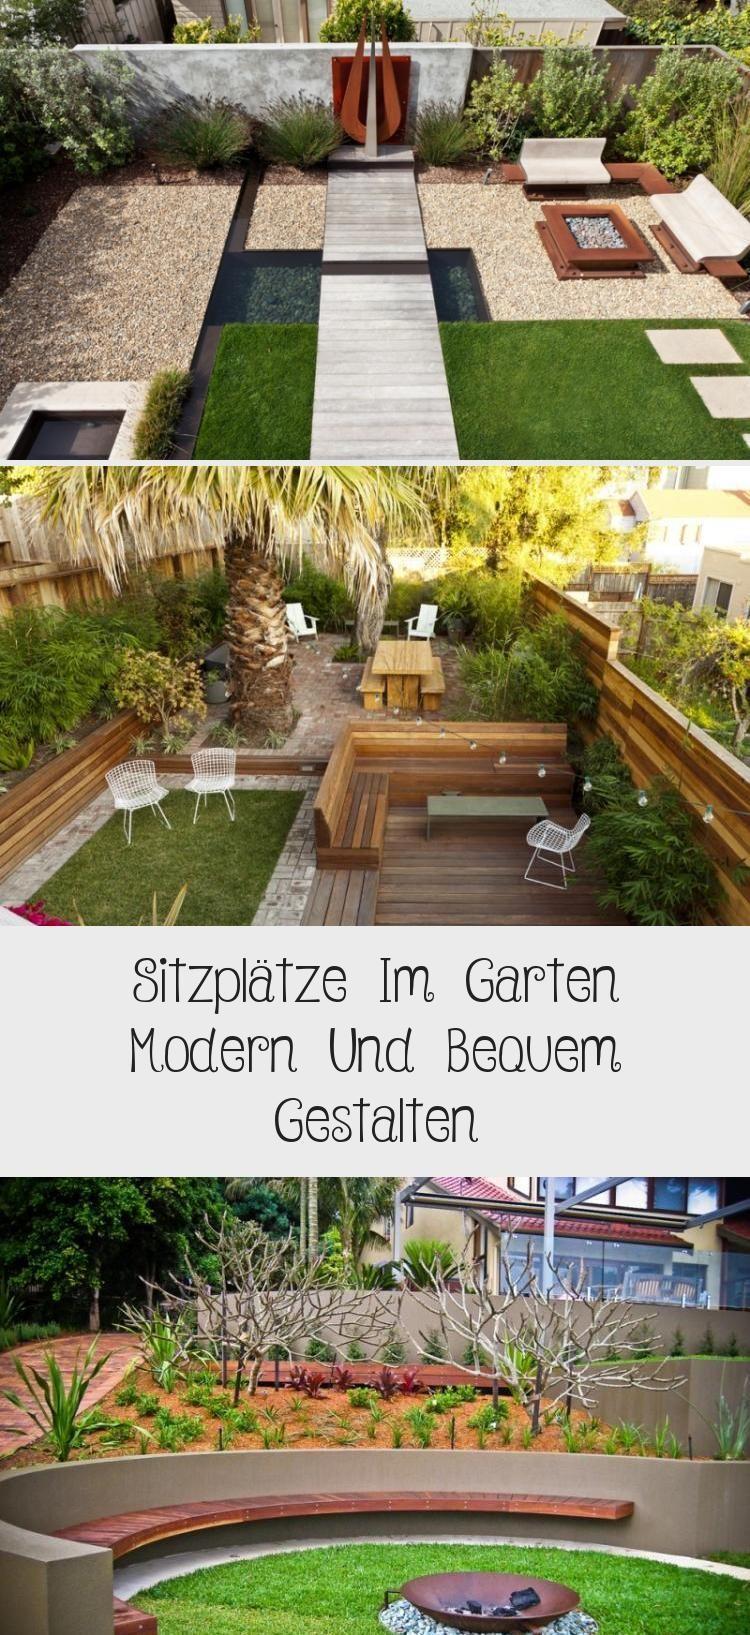 Modernes Gartendesign Mit Versunkener Flache Und Kamin Gartengestaltu In 2020 Garten Design Garten Sitzplatz Im Garten